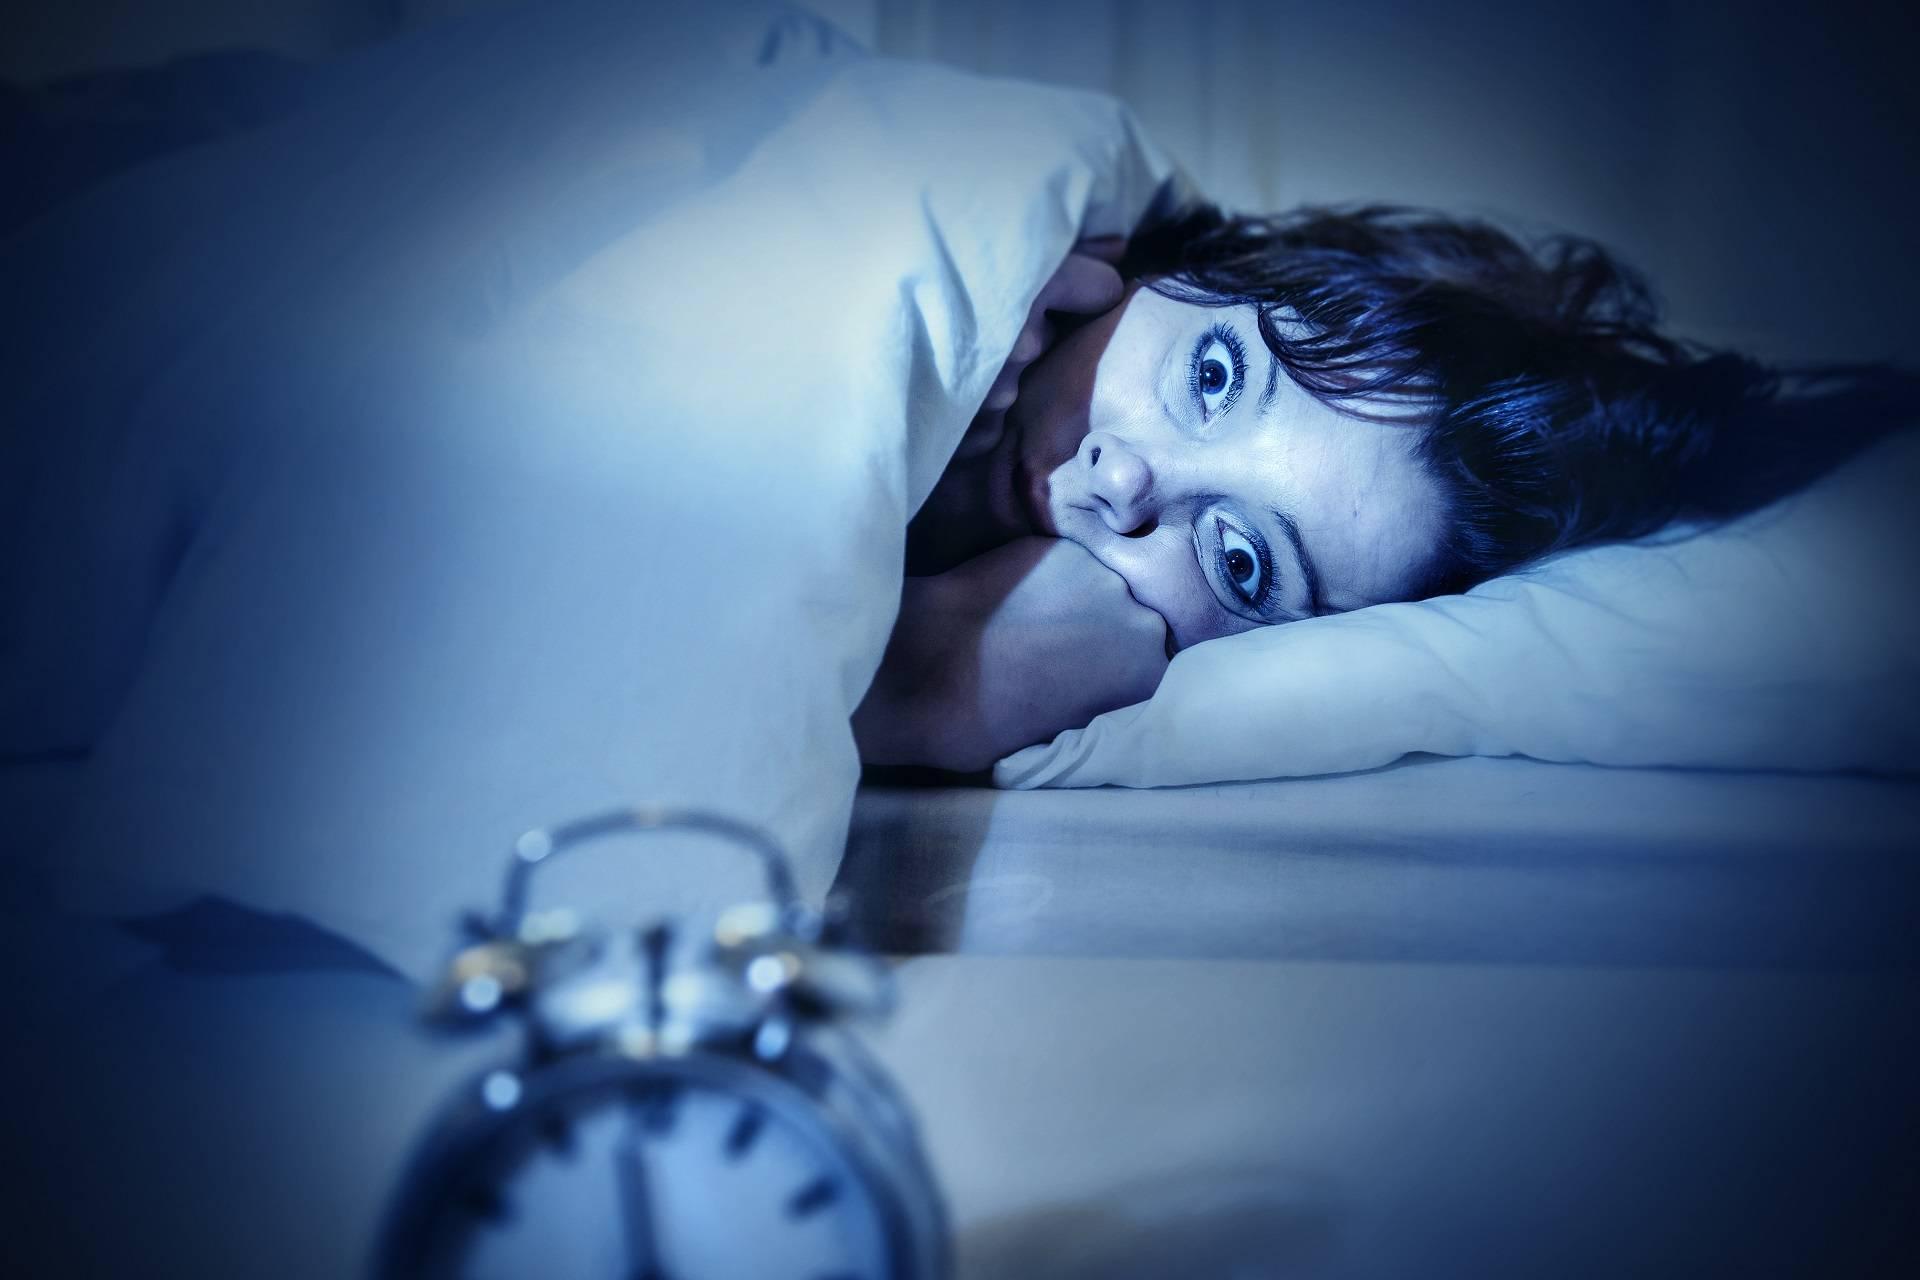 Regenerative Bettruhe: Besser schlafen durch Melatonin?